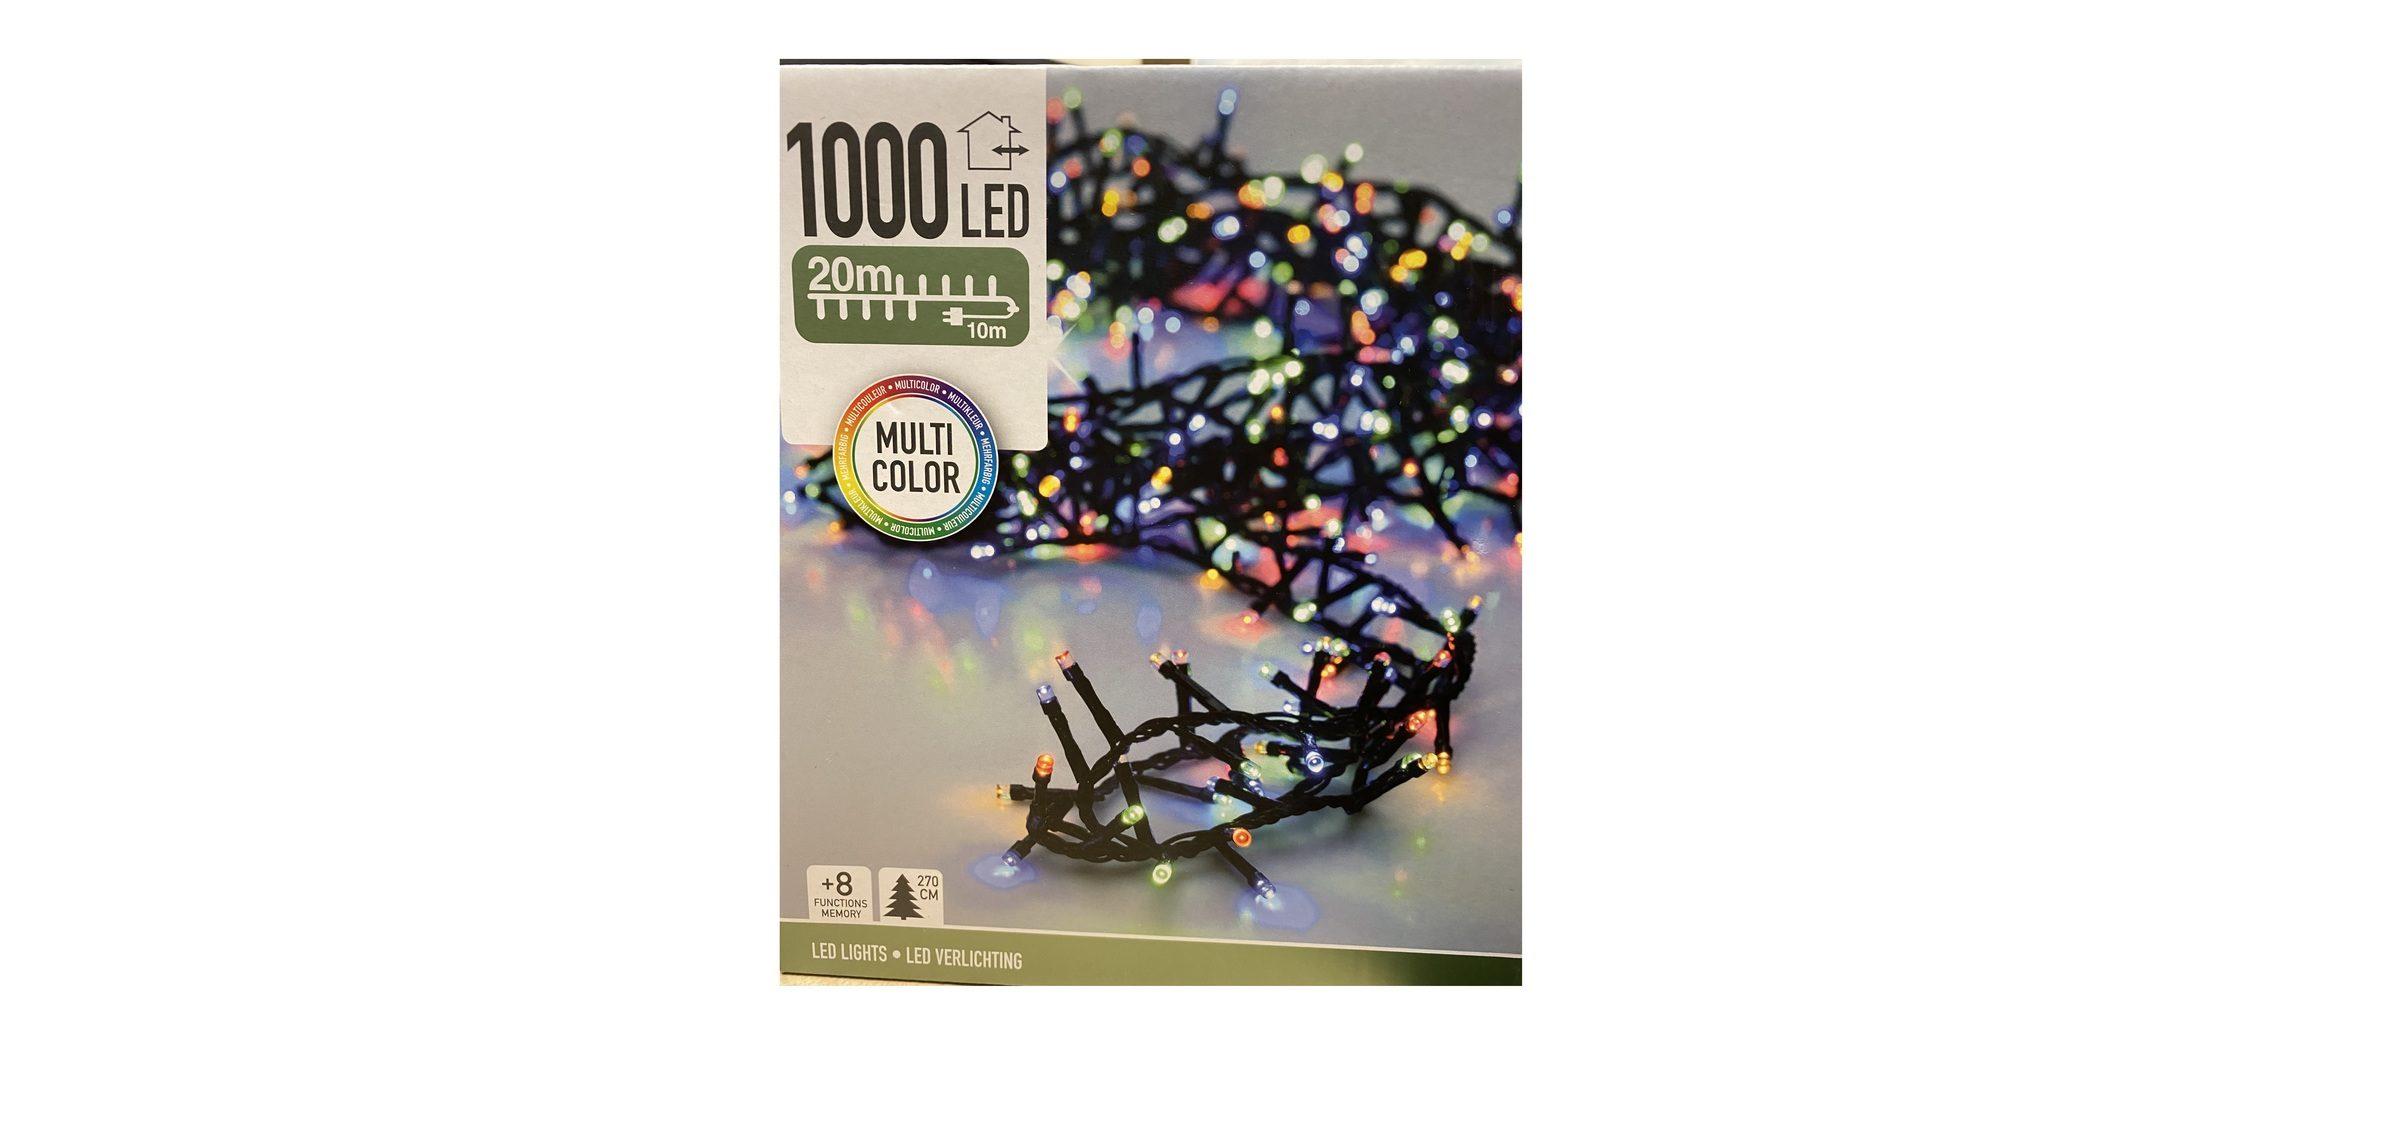 1000 Multi